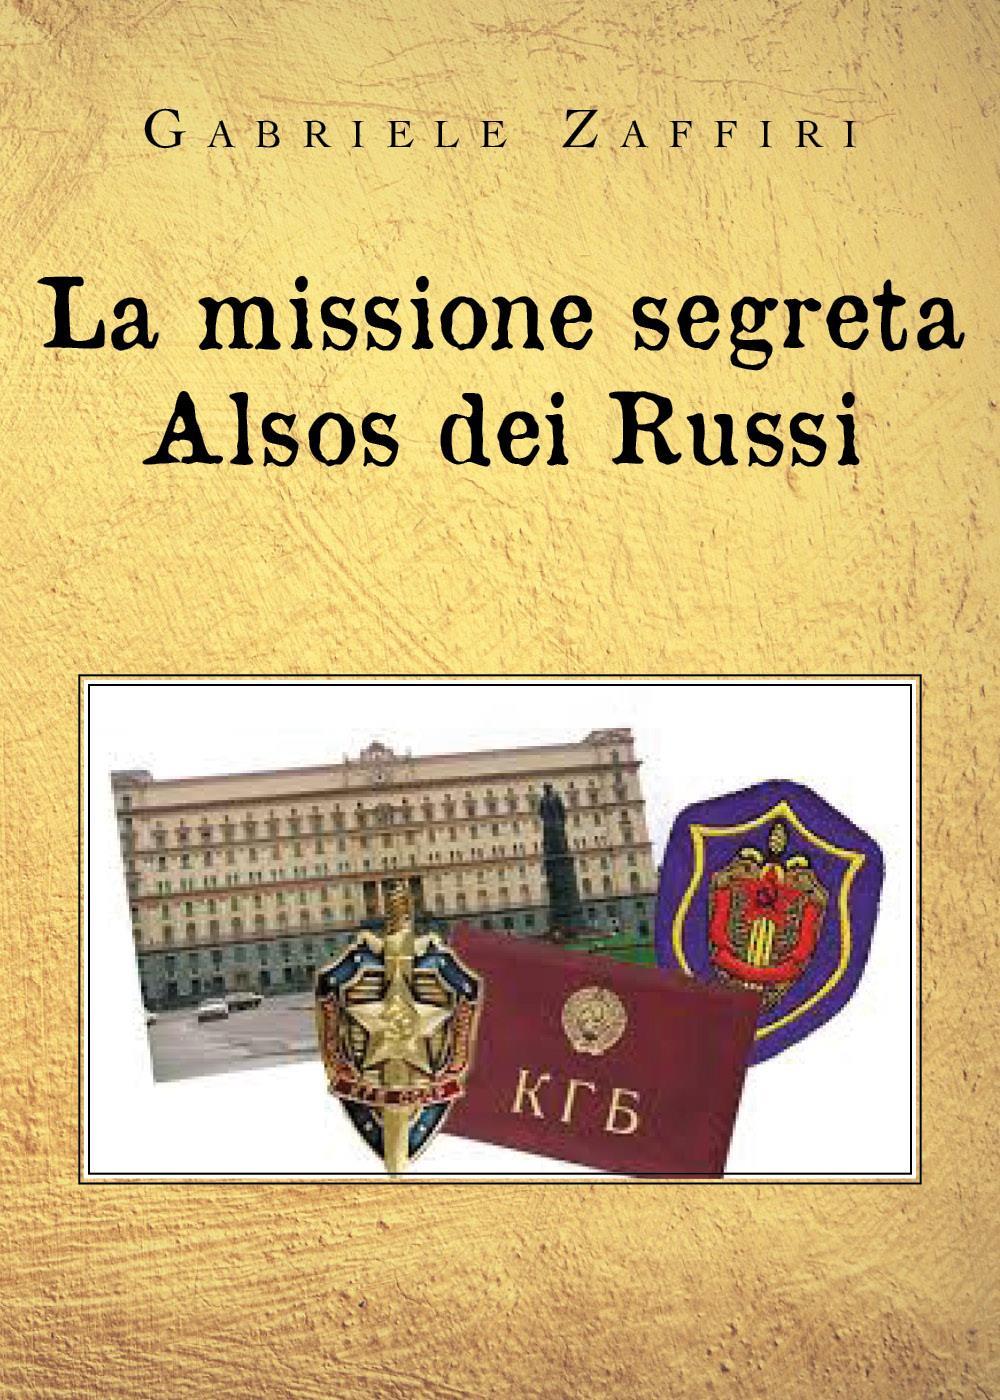 La missione segreta Alsos dei Russi